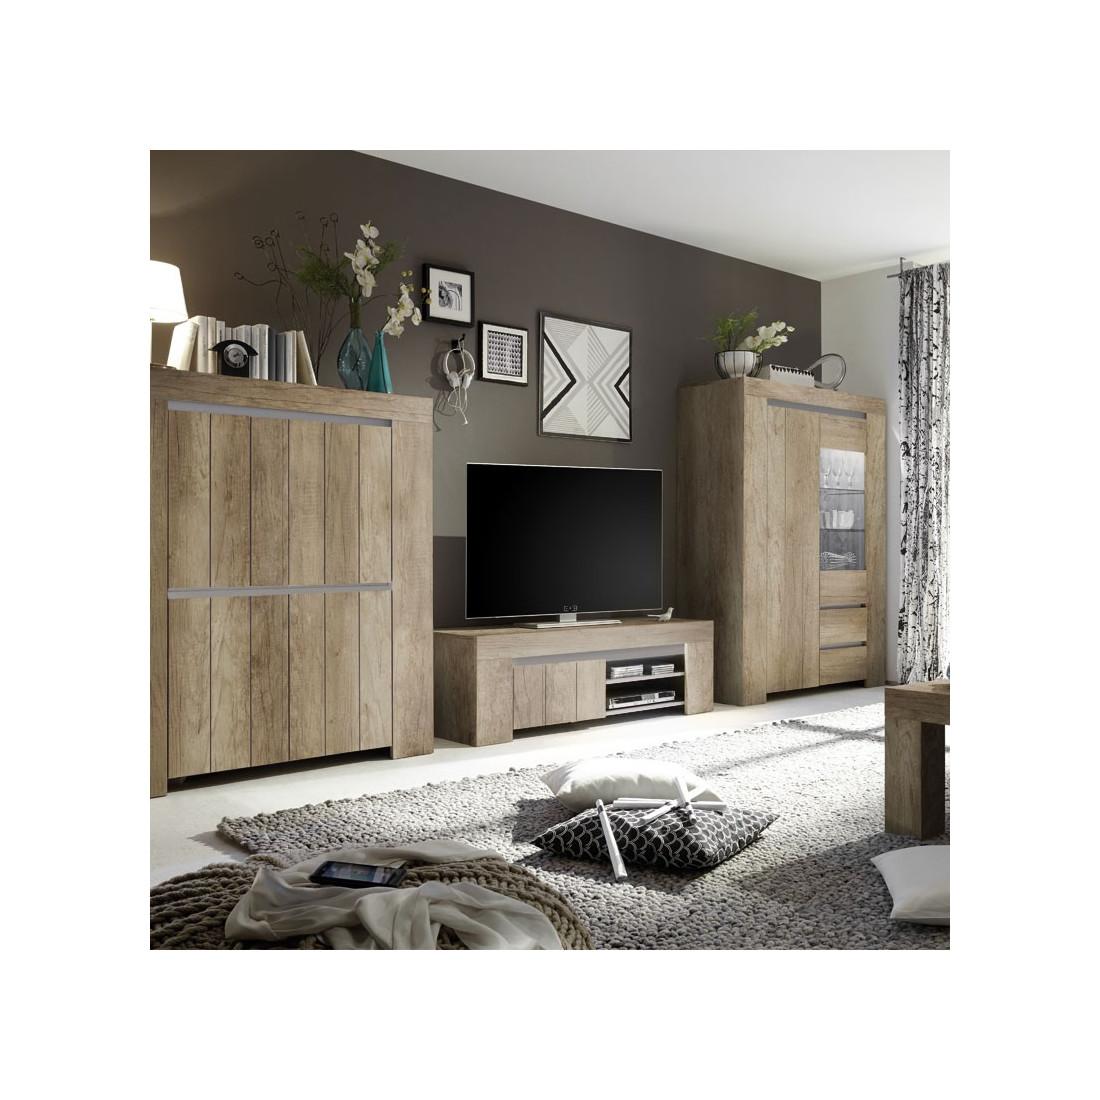 Meuble tv 1 porte 2 niches ch ne moyen almati univers du salon - Meuble tv encadrement ...